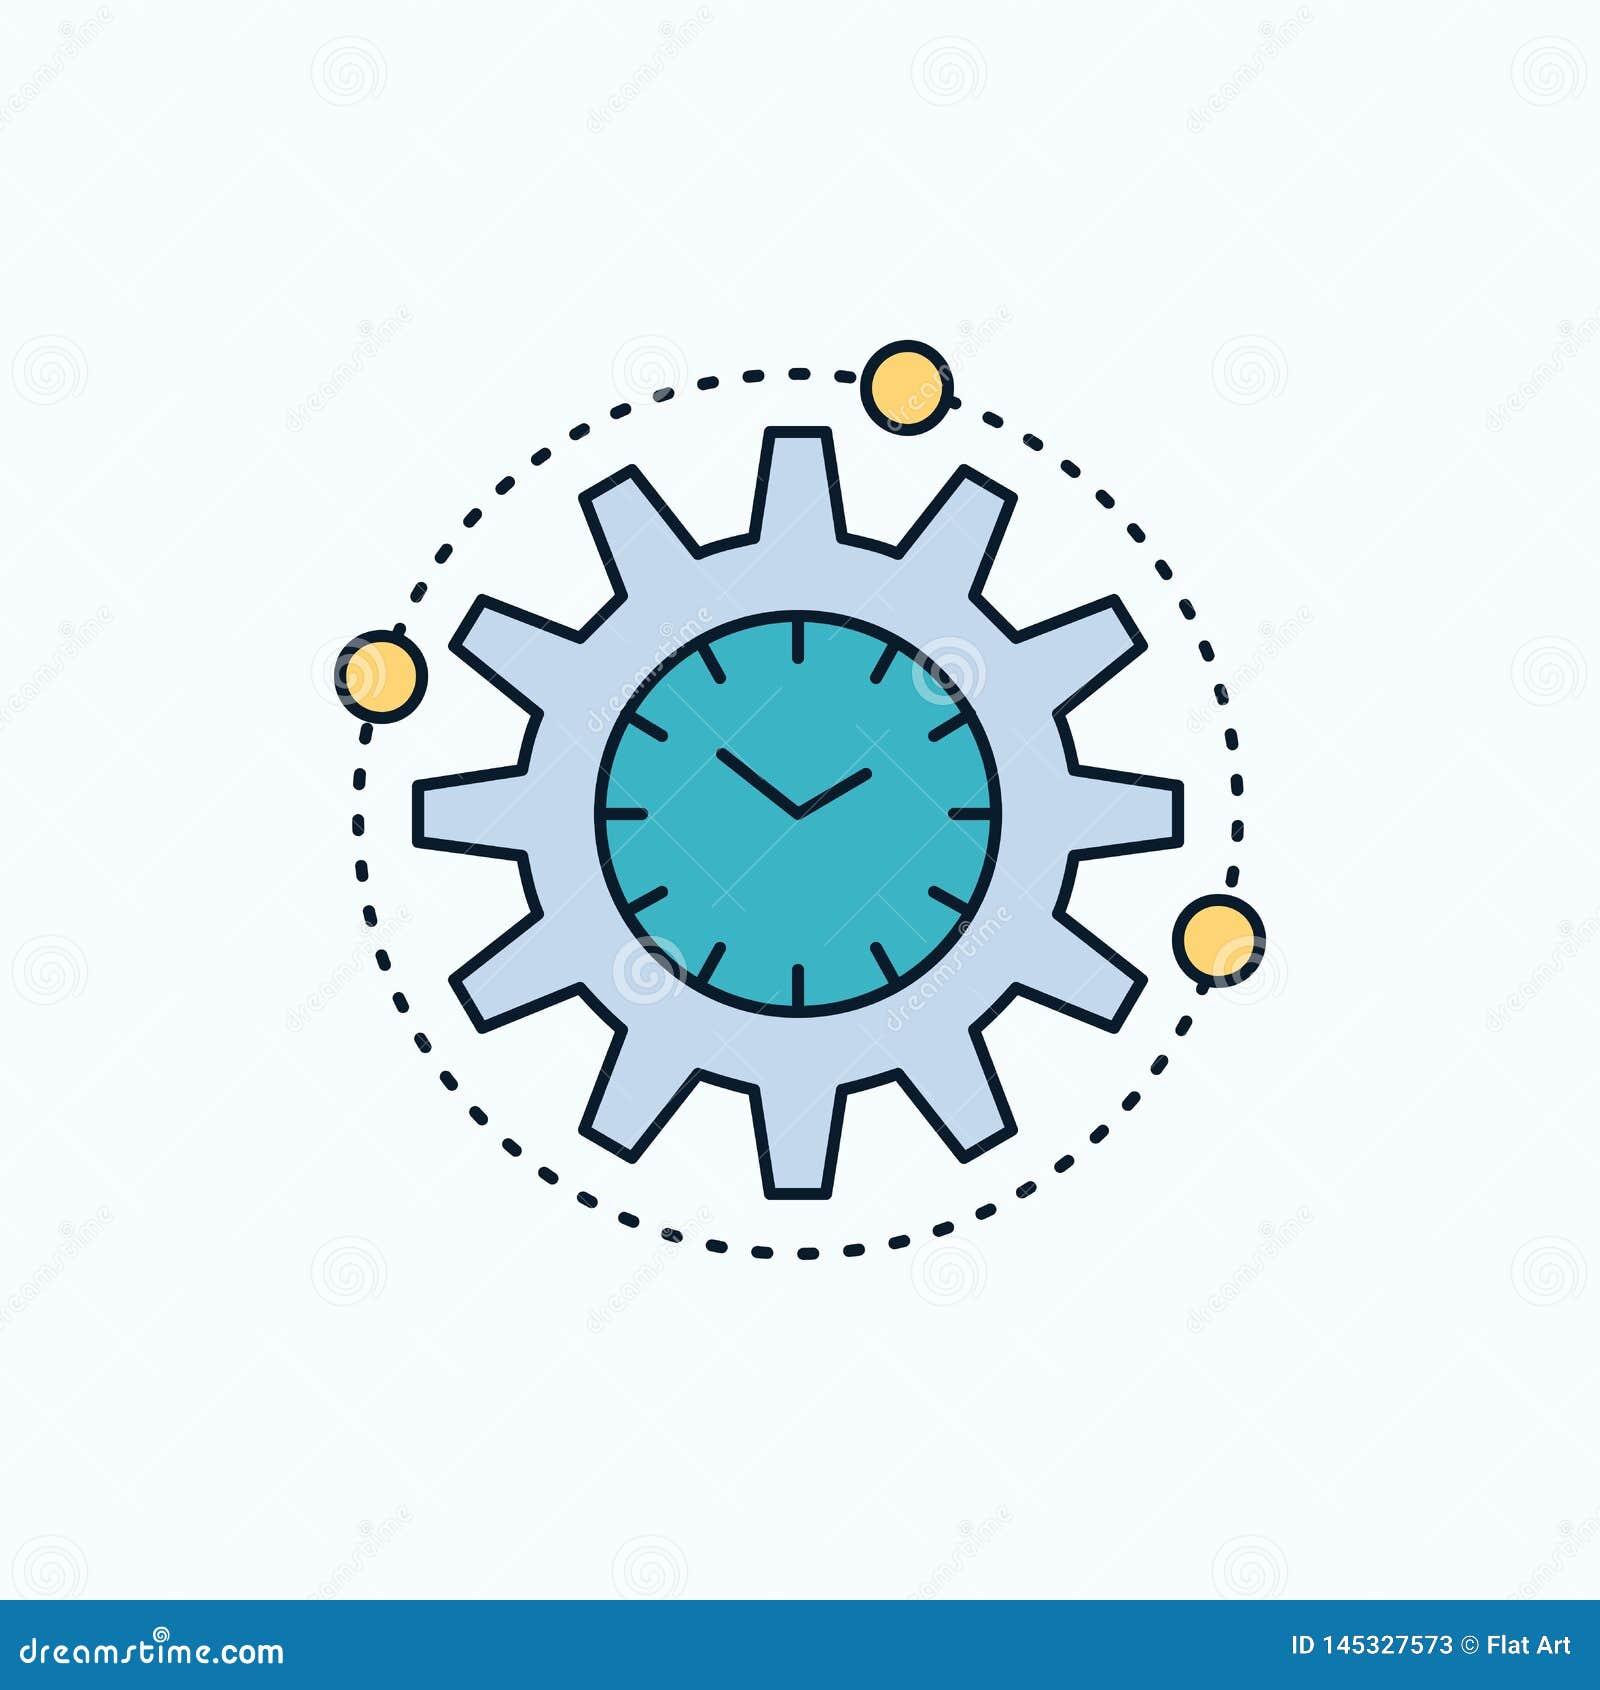 Αποδοτικότητα, διαχείριση, επεξεργασία, παραγωγικότητα, επίπεδο εικονίδιο προγράμματος πράσινα και κίτρινα σημάδι και σύμβολα για